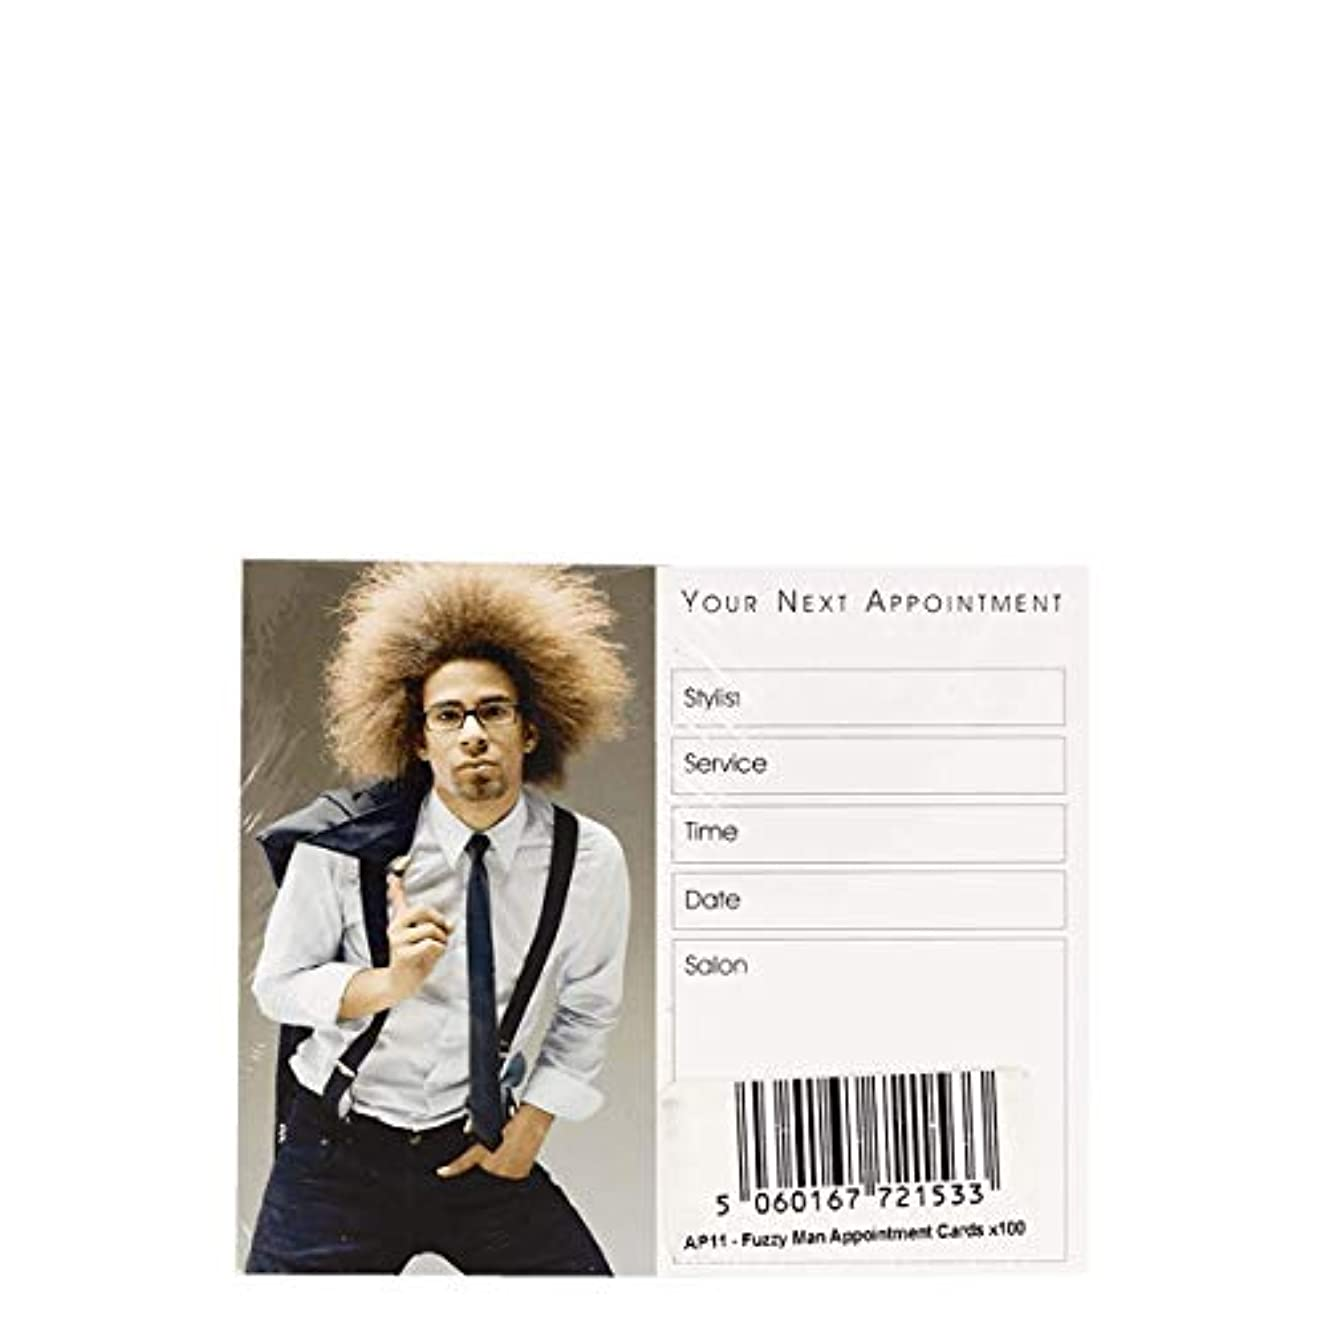 泥棒懐魔術師アポイントメントカード Appointment Cards- AP11 FUZZY MAN CARDS x100[海外直送品] [並行輸入品]